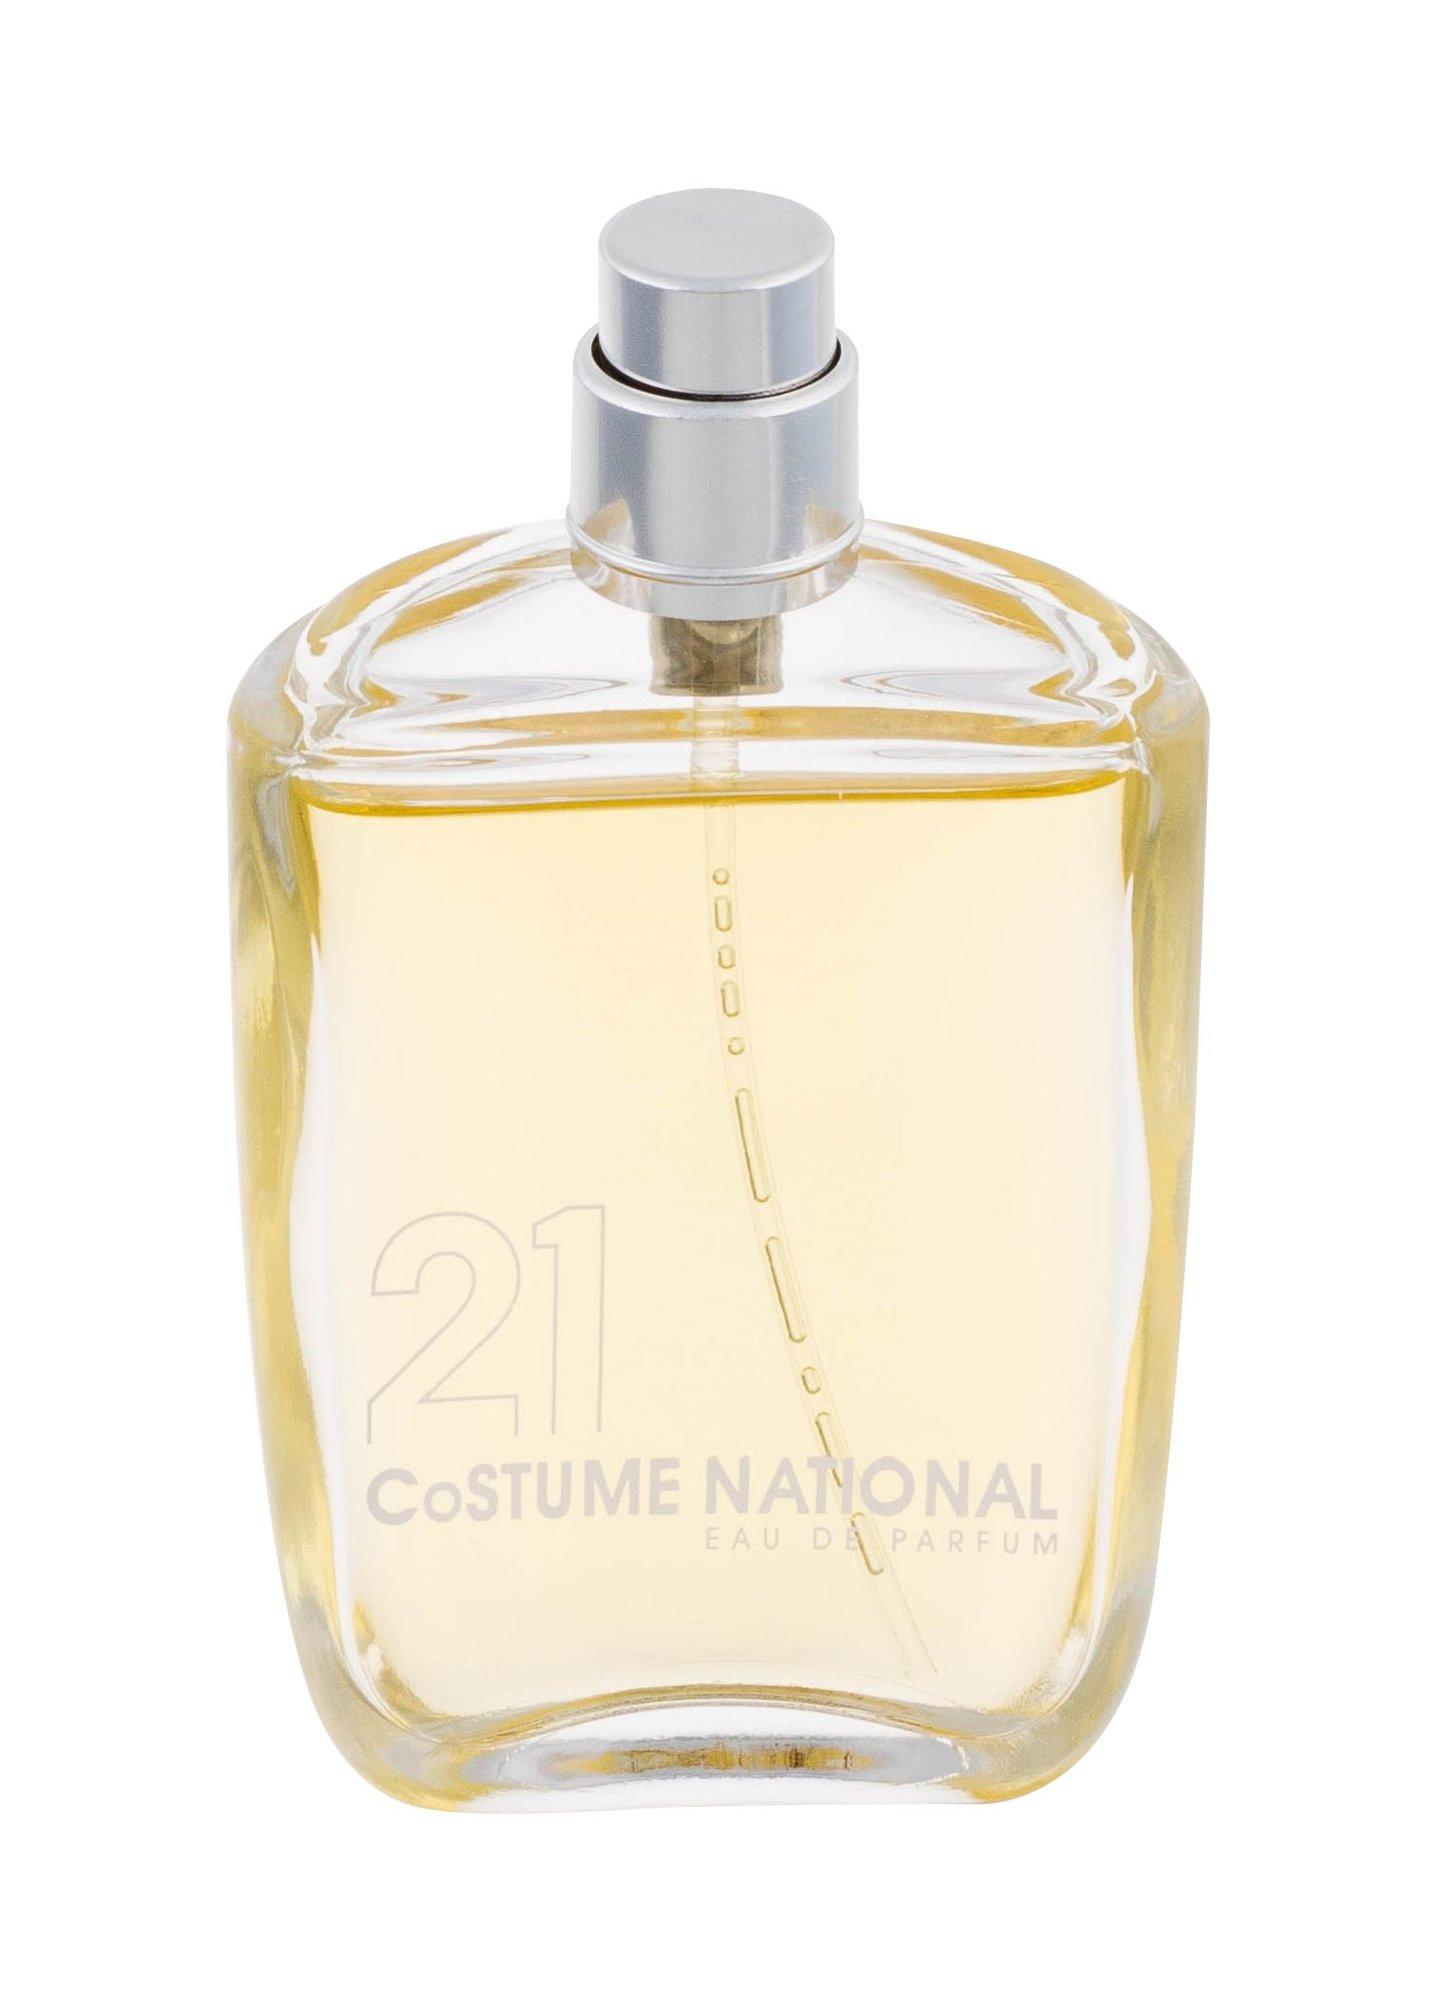 CoSTUME NATIONAL 21 Eau de Parfum 30ml